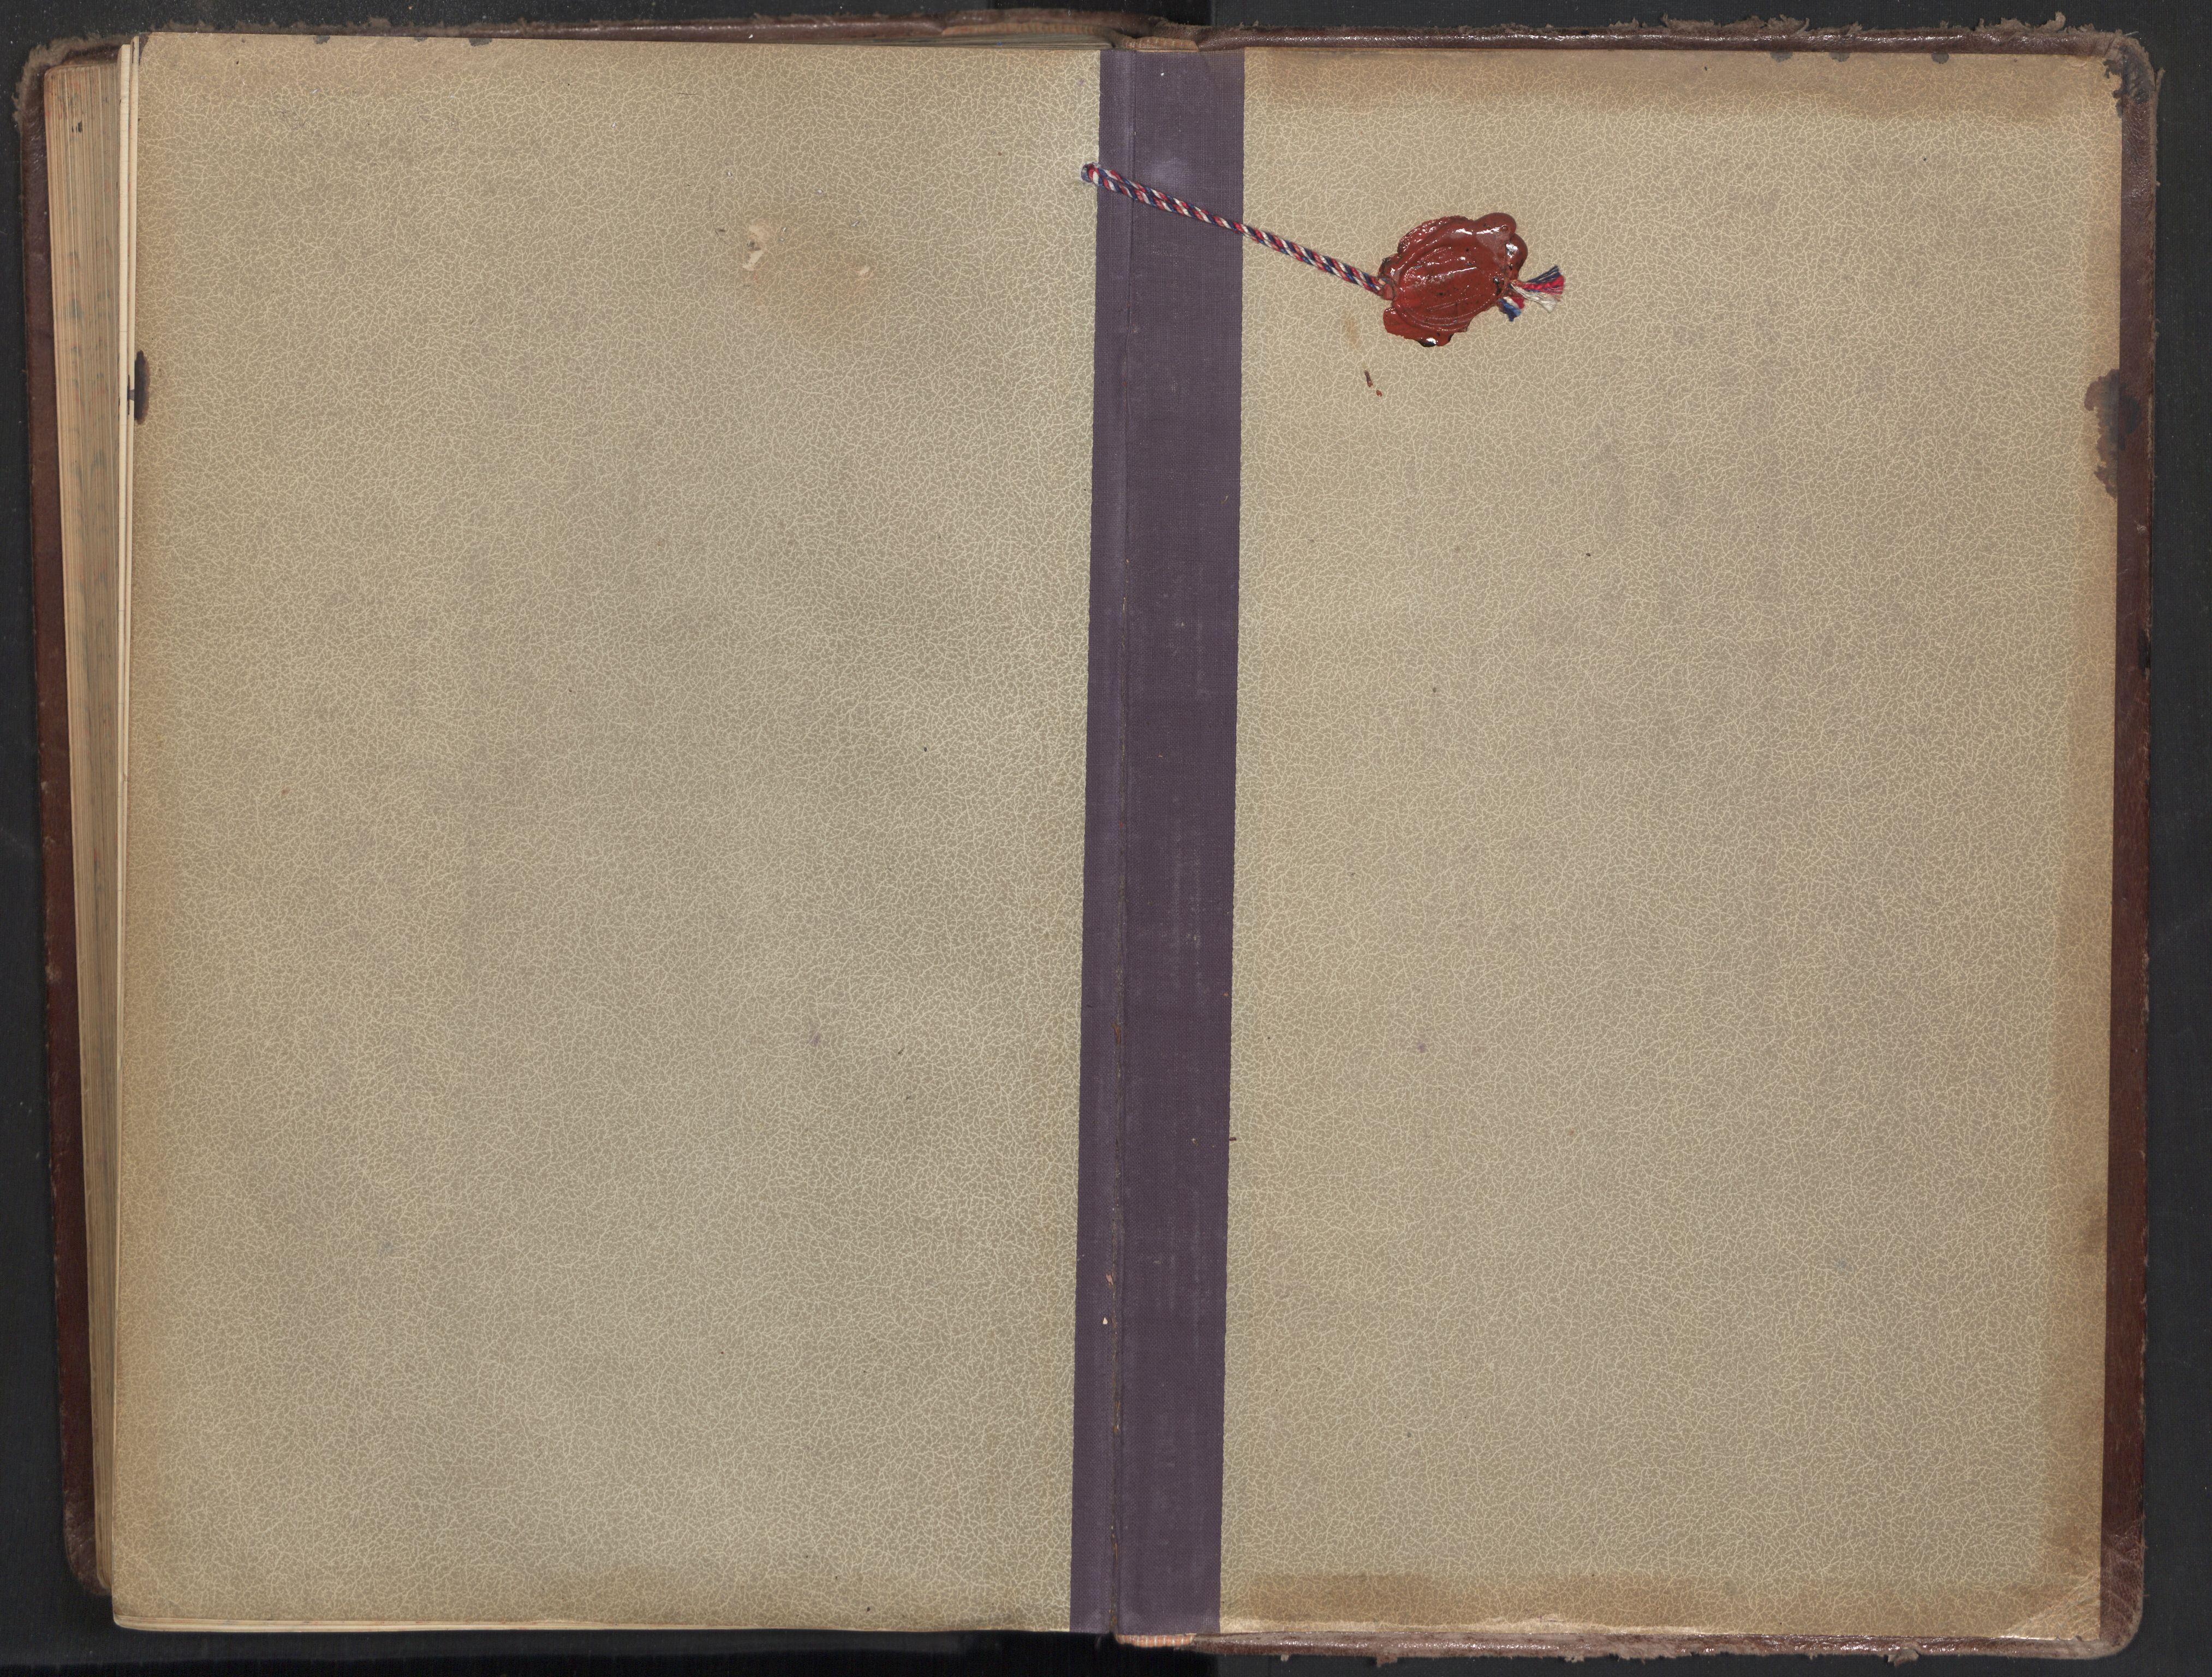 SAT, Ministerialprotokoller, klokkerbøker og fødselsregistre - Sør-Trøndelag, 605/L0247: Ministerialbok nr. 605A09, 1918-1930